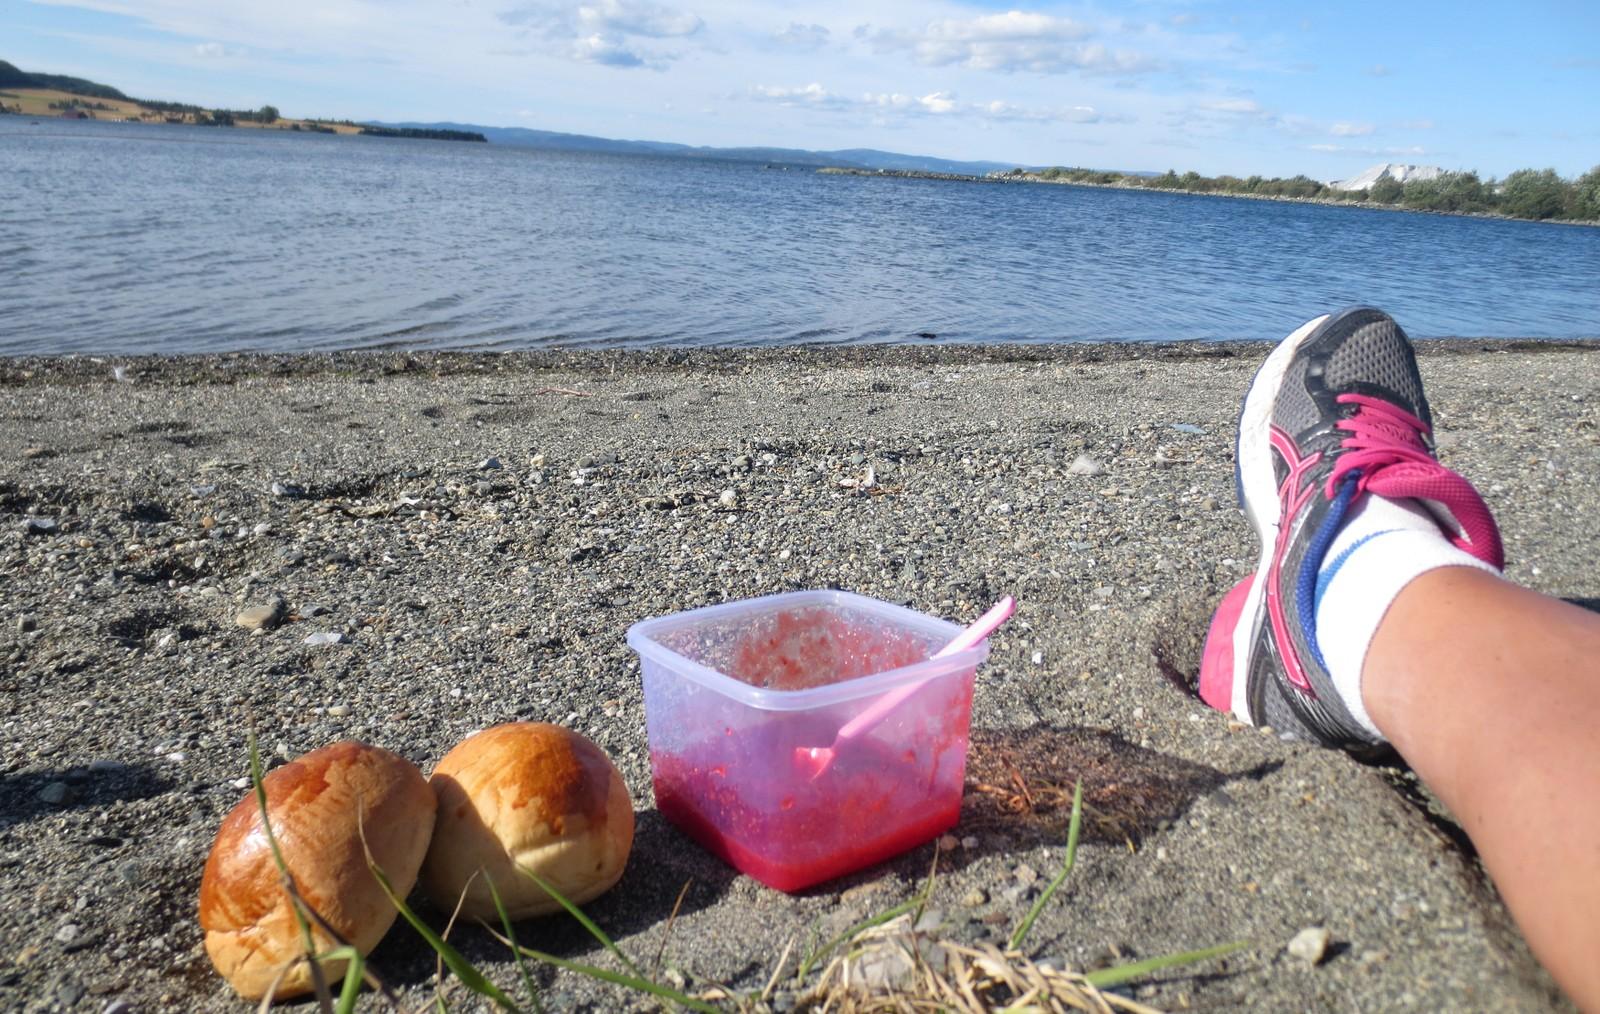 Strandliv i september på Havfrua, Verdal